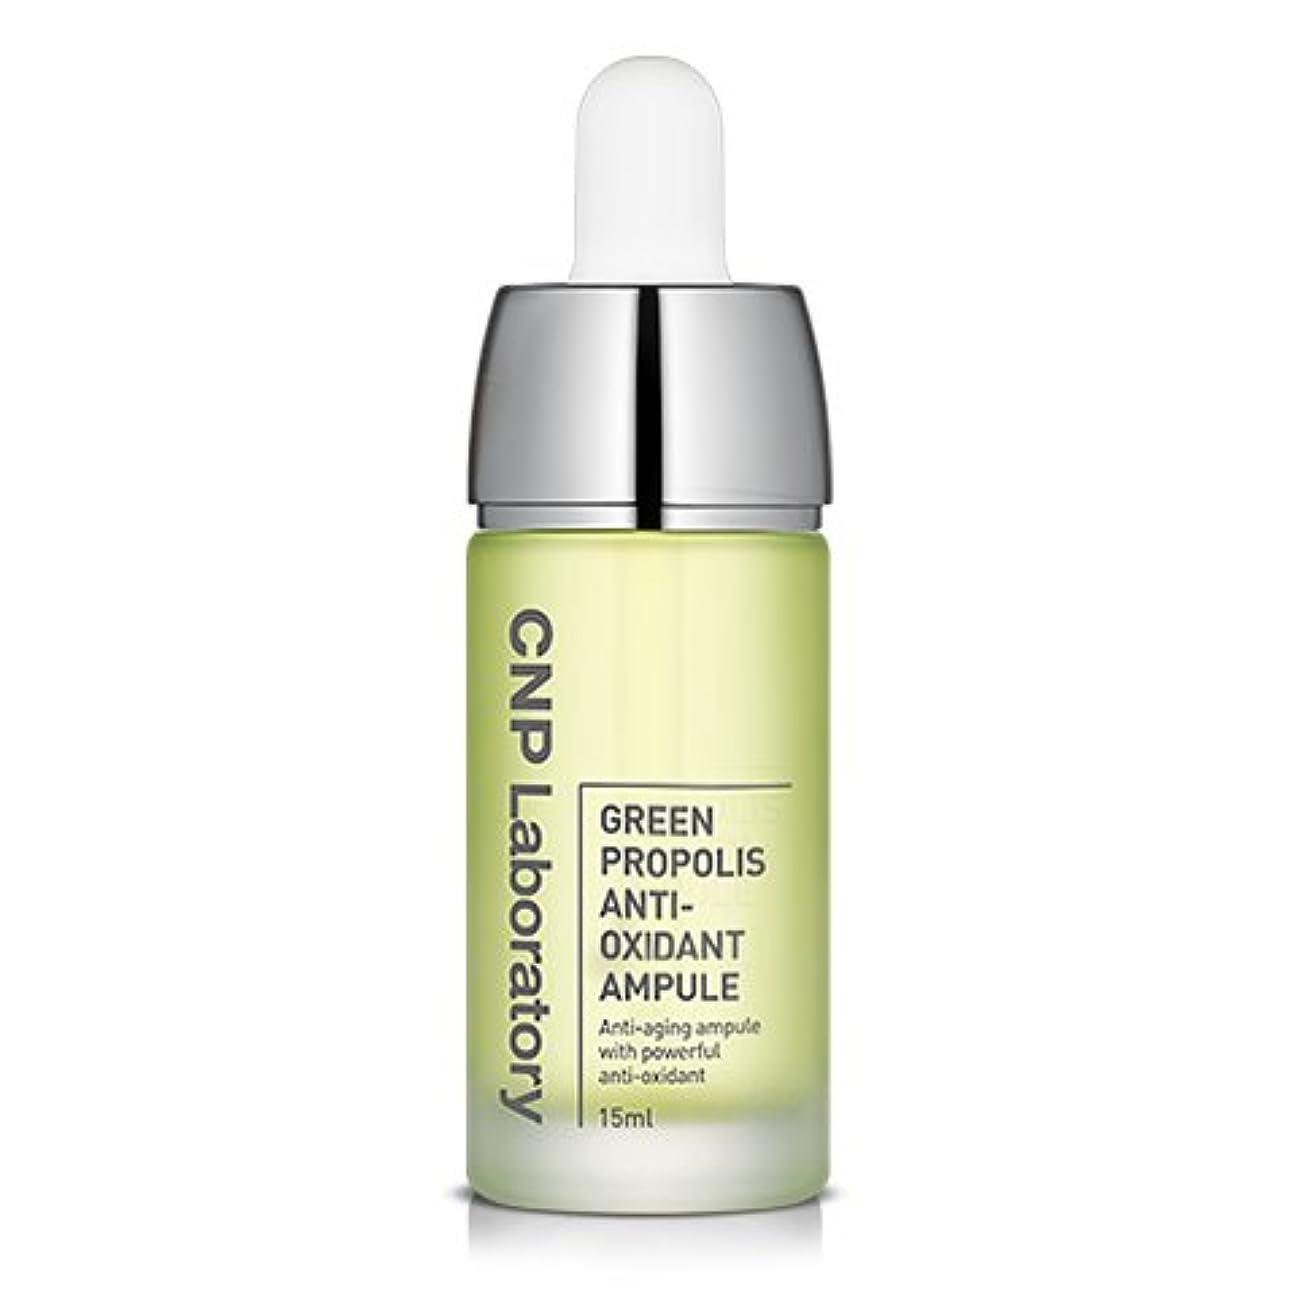 医療過誤みなさんビジターCNP Laboratory グリーンプロポリス酸化防止剤アンプル/Green Propolis Anti-Oxidant Ampule 15ml [並行輸入品]